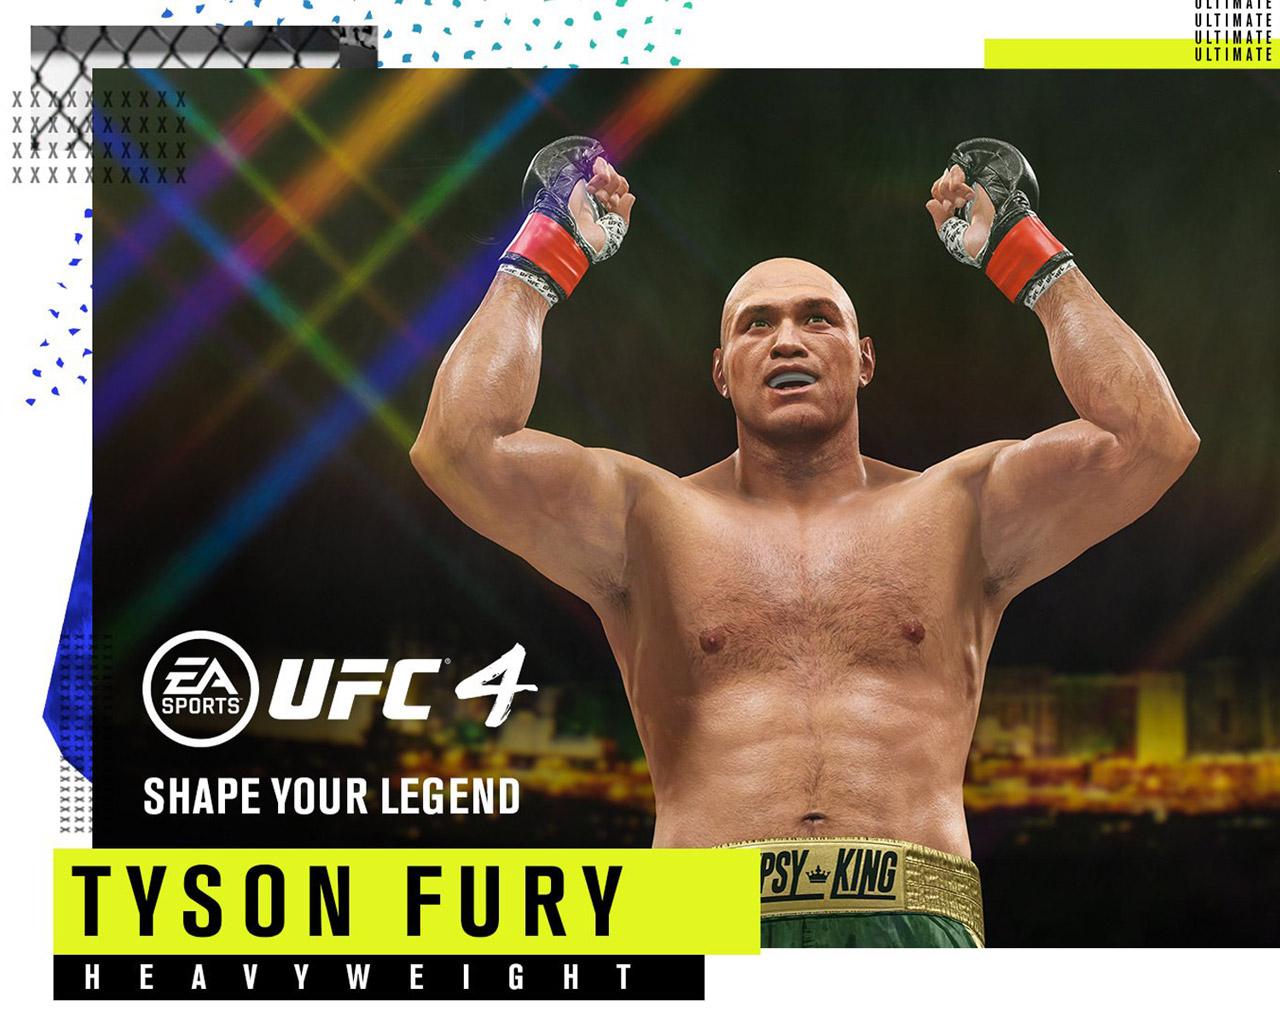 UFC 4 Wallpaper in 1280x1024